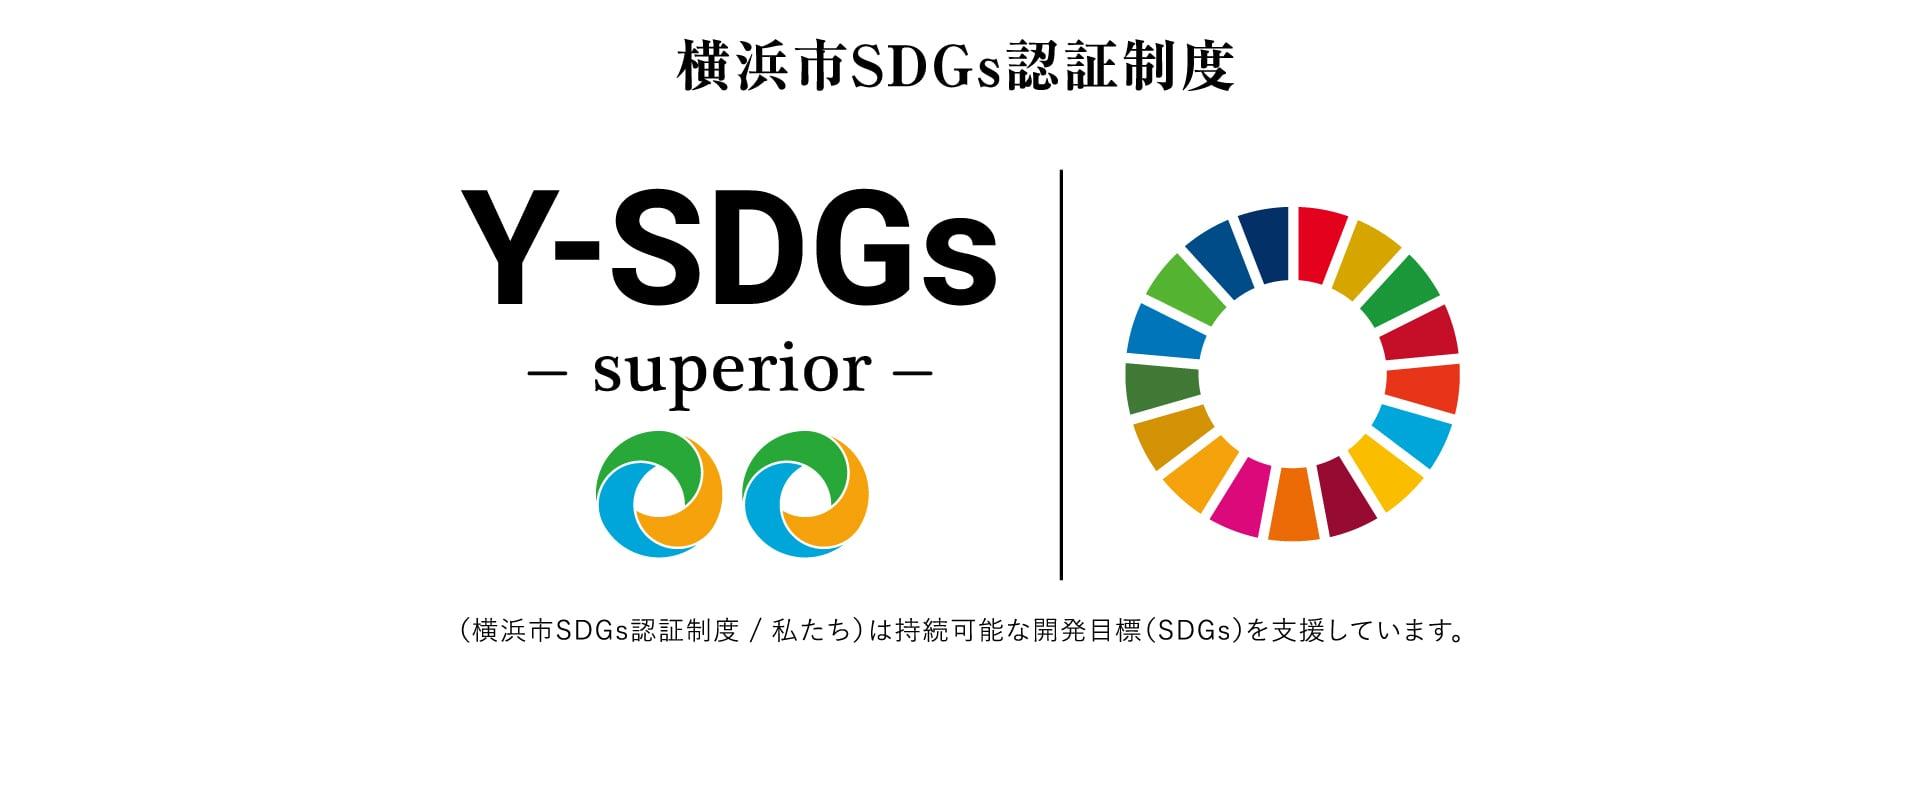 横浜市SDGs認証取得のお知らせ